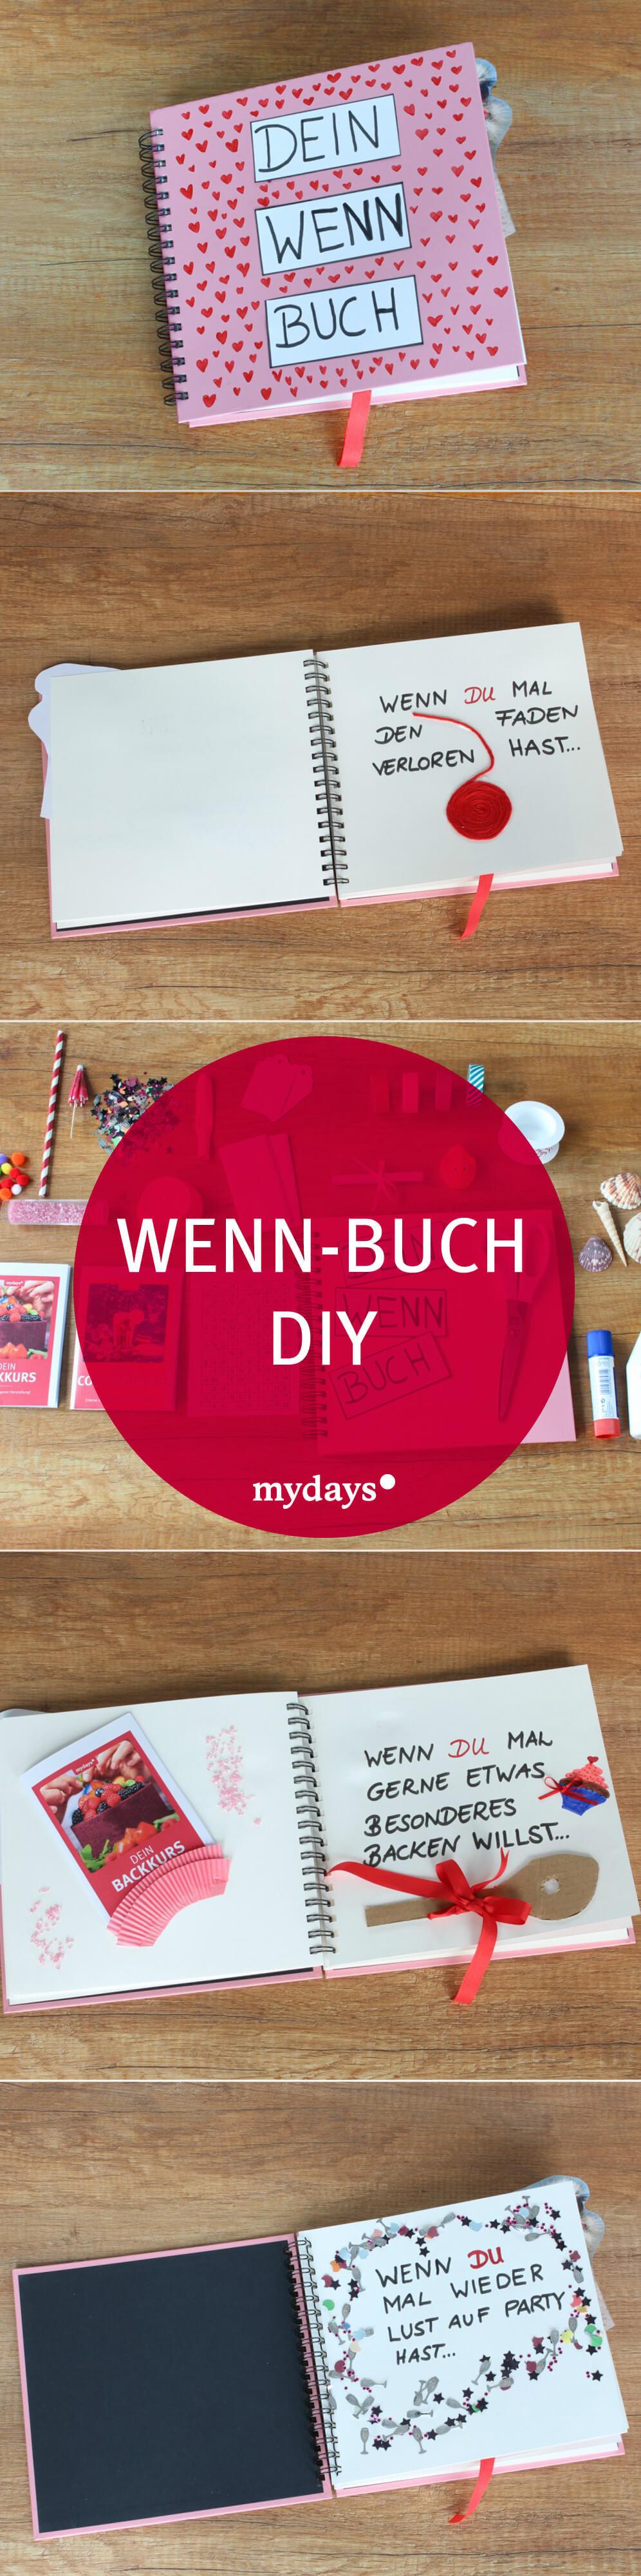 Mydays Geschenke  Wenn Buch basteln 8 kreative Ideen DIY